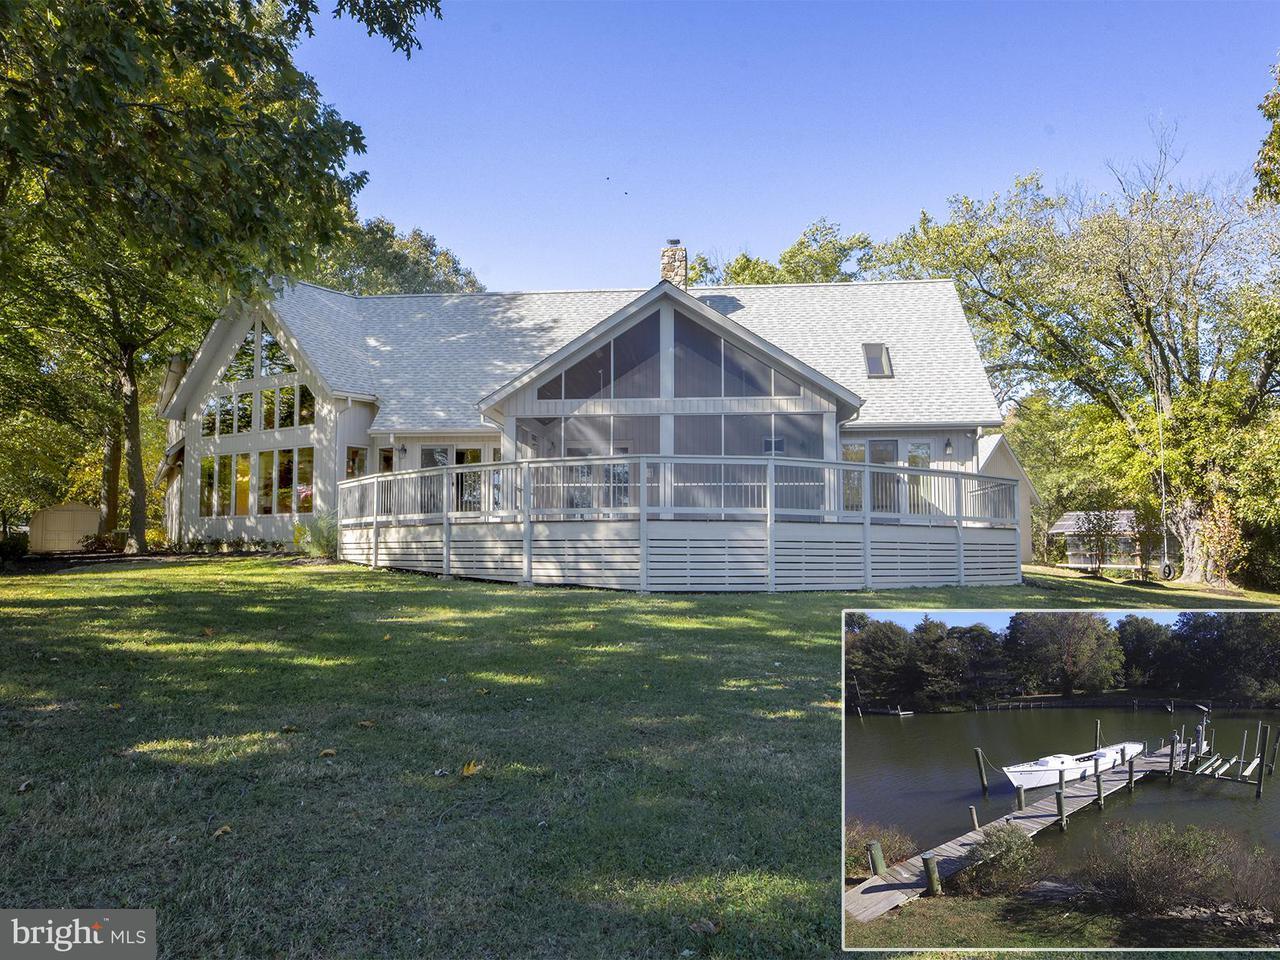 Частный односемейный дом для того Продажа на 4841 Church Lane 4841 Church Lane Galesville, Мэриленд 20765 Соединенные Штаты